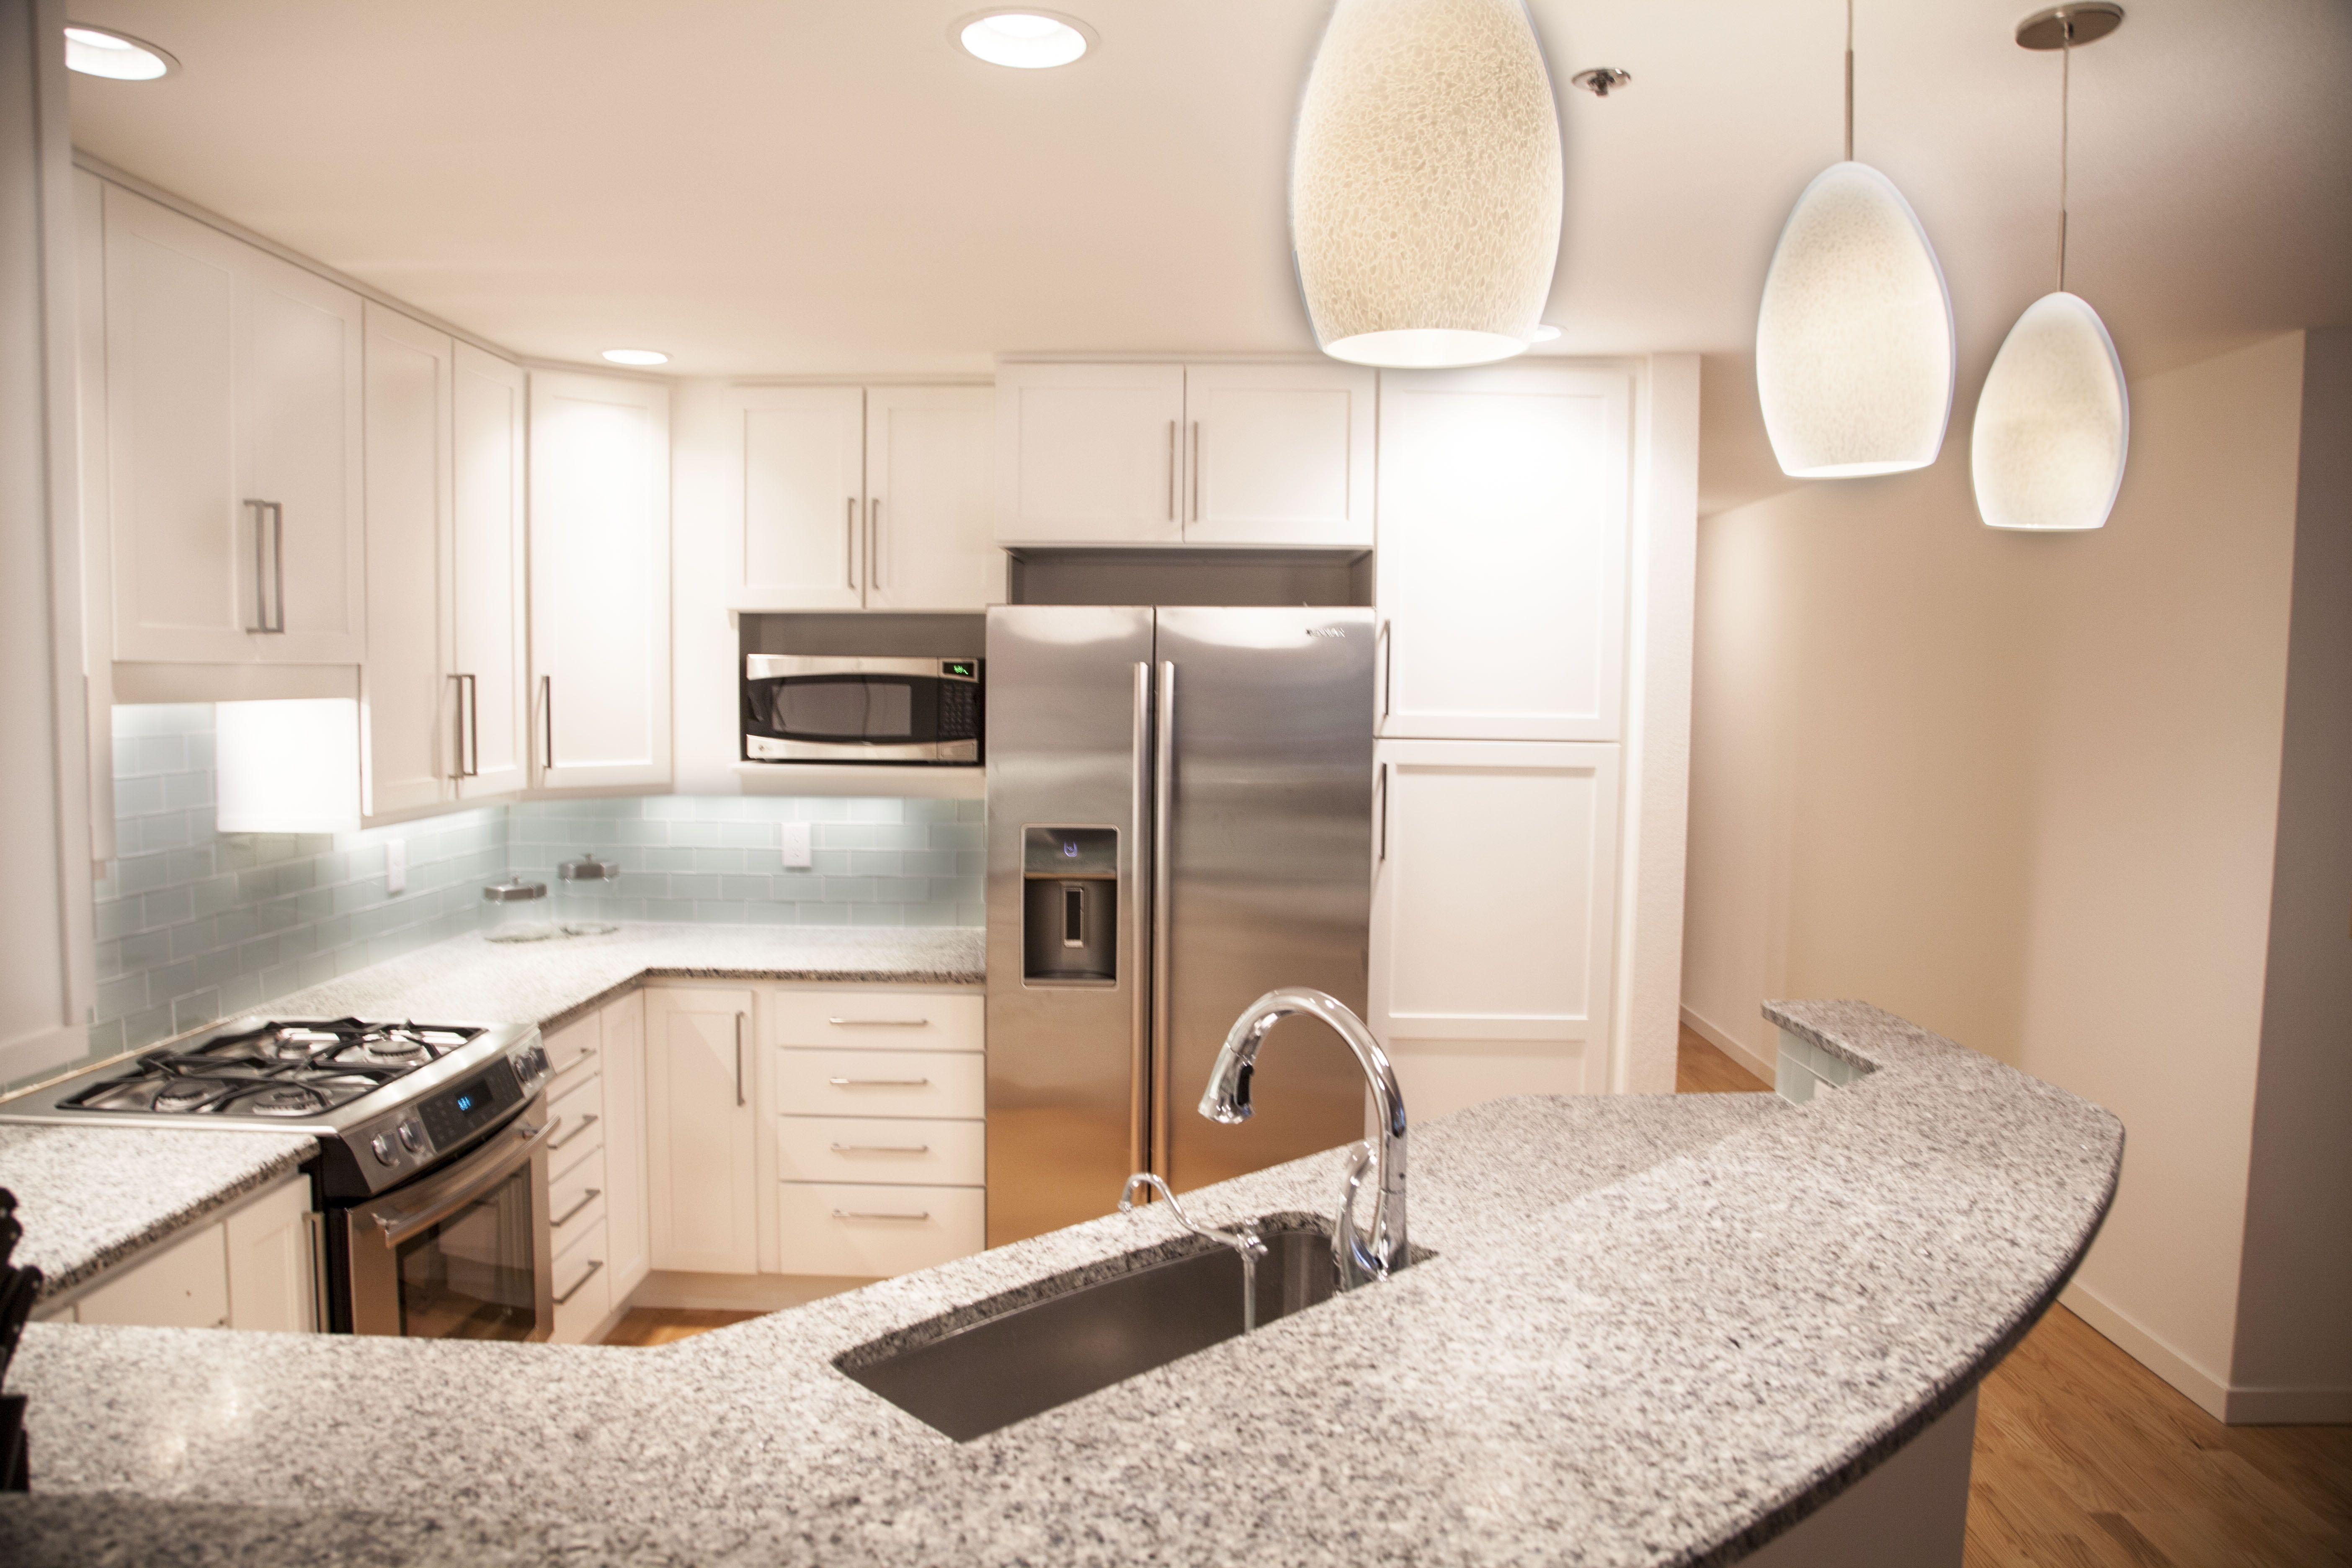 White Kitchen Cabinets Honed Salt And Pepper Granite White